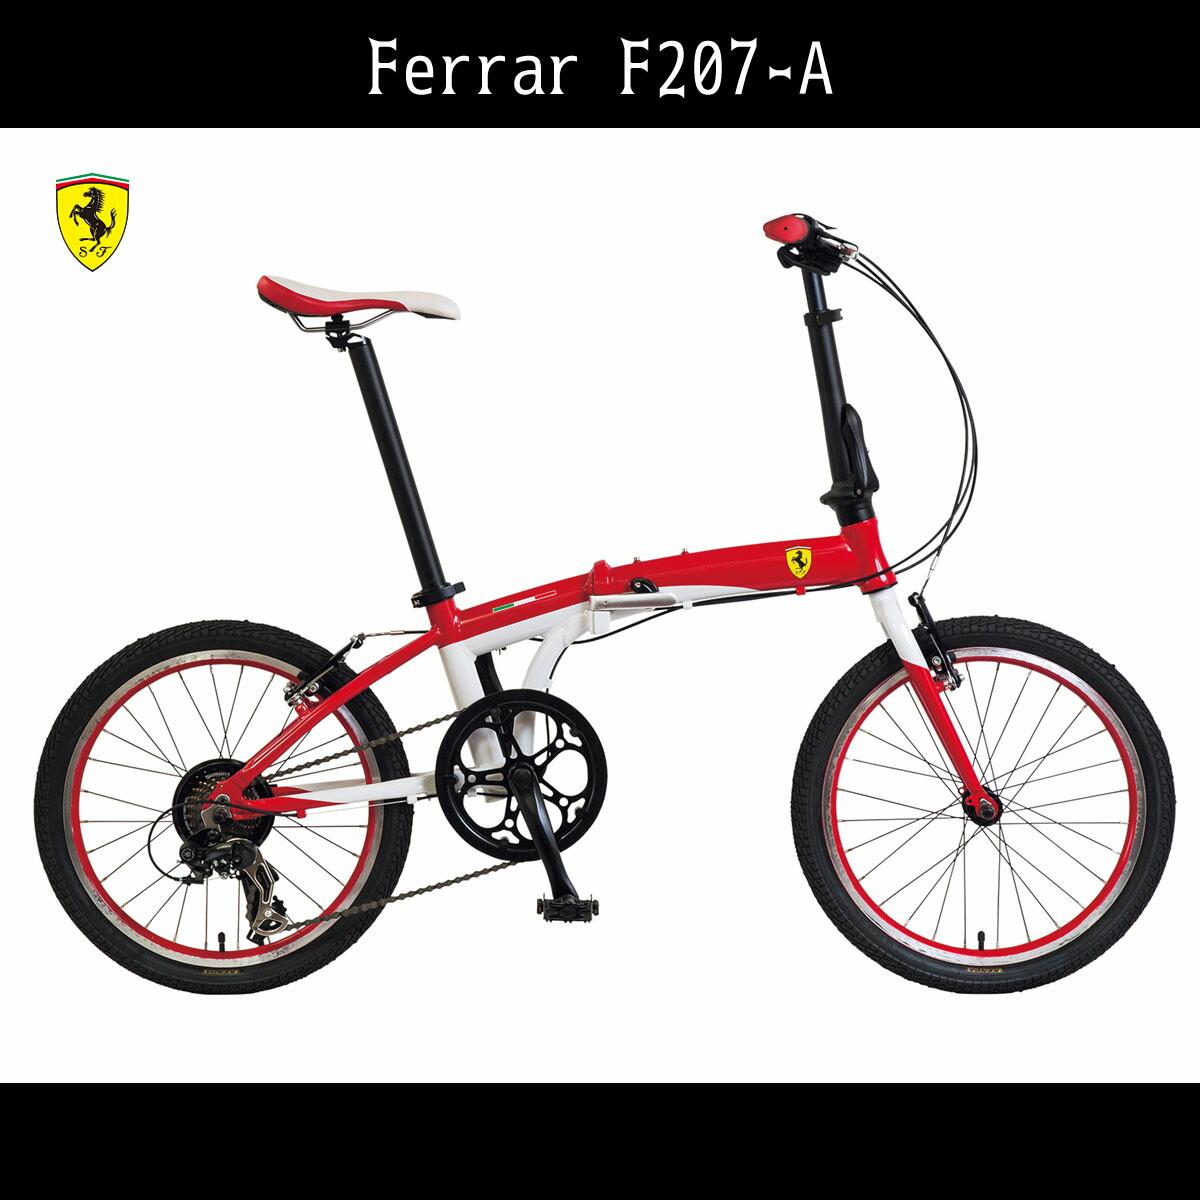 折りたたみ自転車 Ferrari フェラーリ 自転車 レッド/赤 20インチ 折りたたみ自転車 外装7段変速ギア アルミ 高さ調整機能付きアルミハンドルステム フェラーリ 折りたたみ自転車 F207-A 折りたたみ自転車 アルミニウム